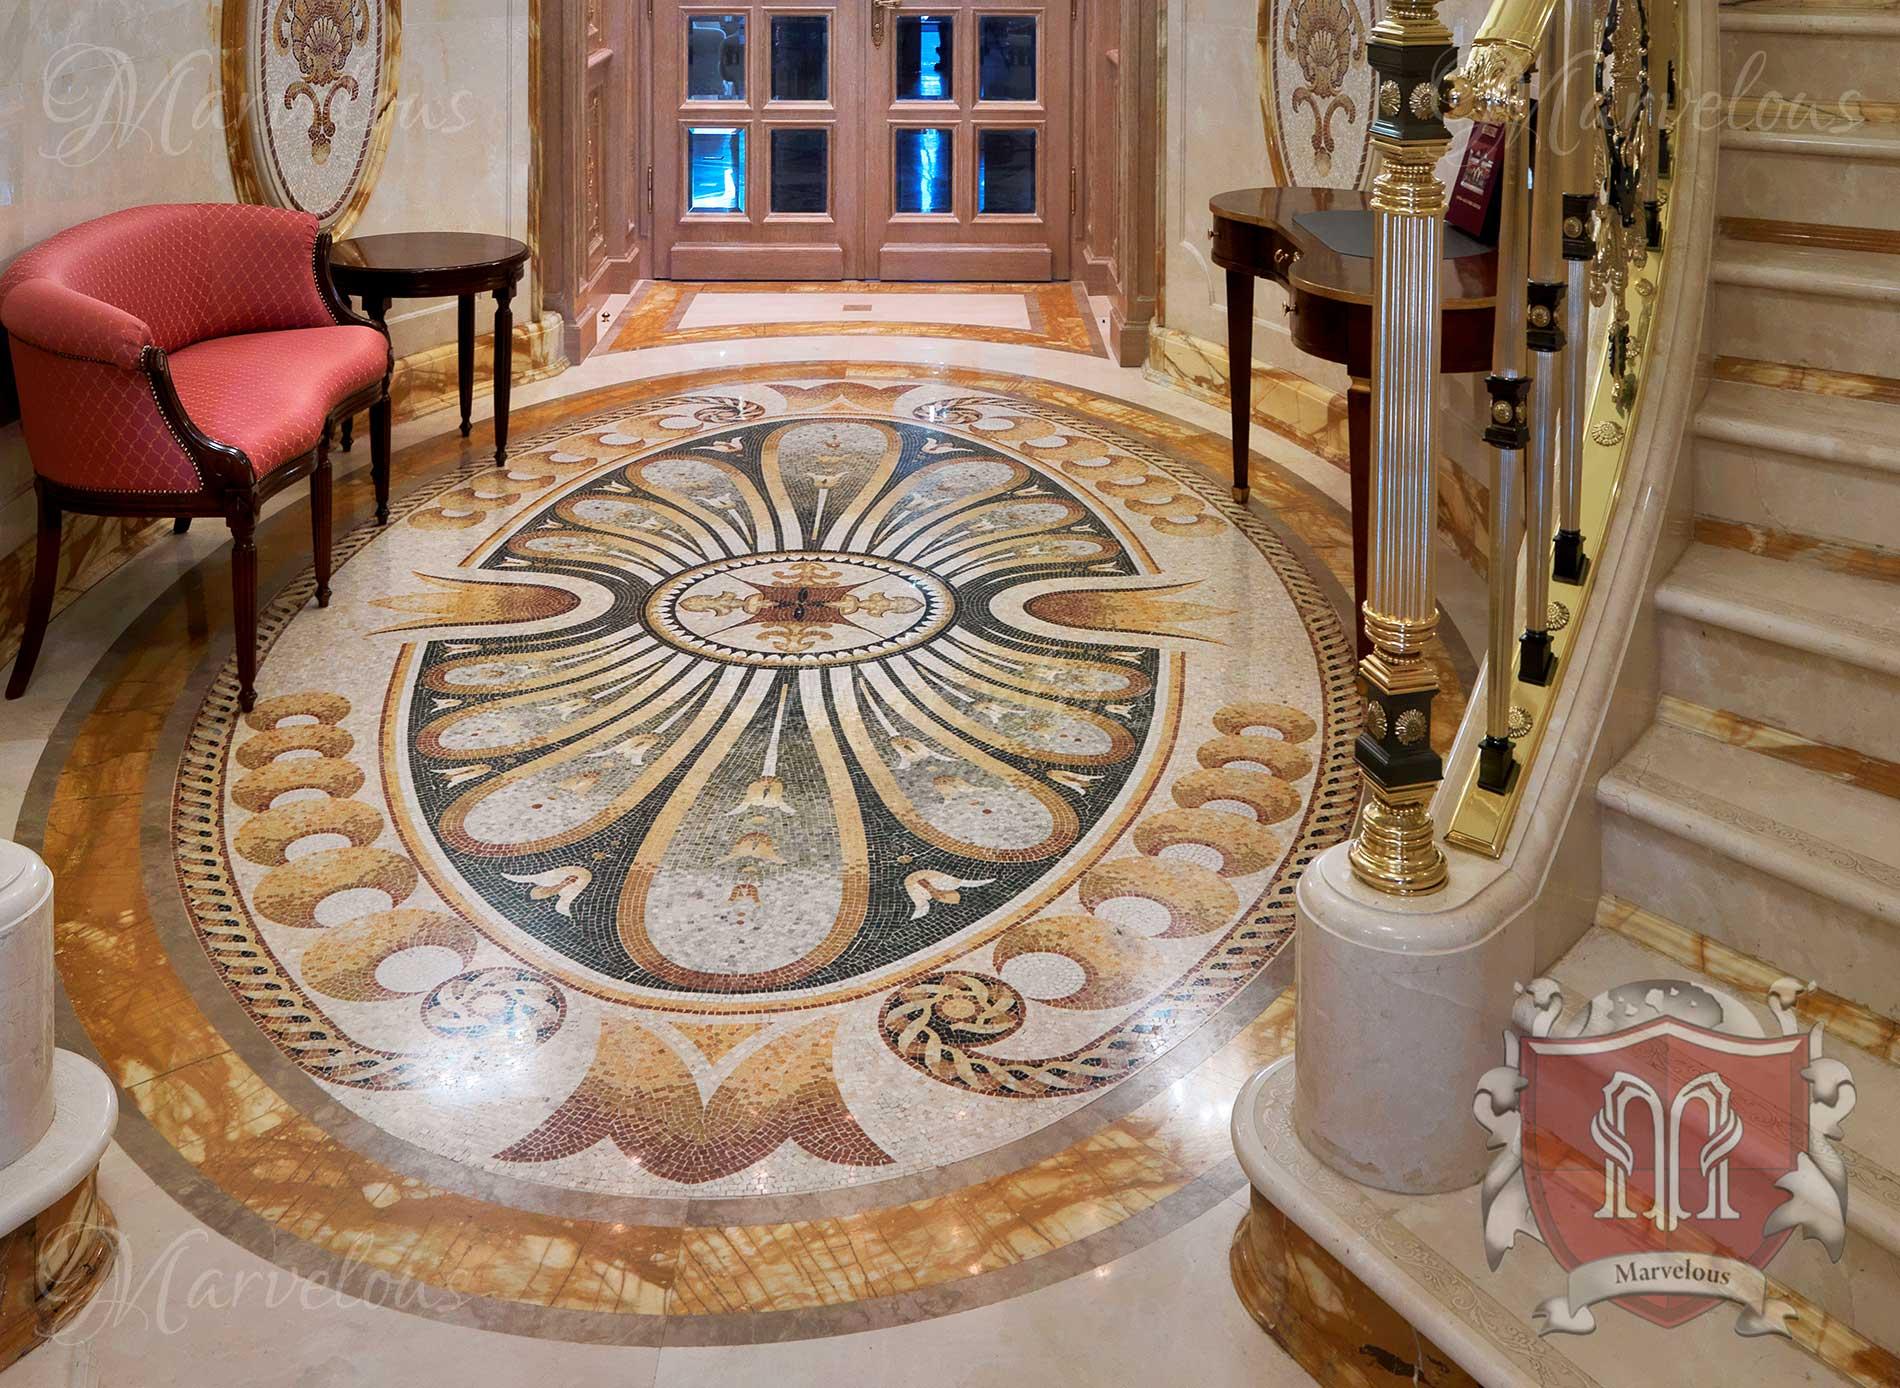 Marble Floor Mosaic: Cavatina